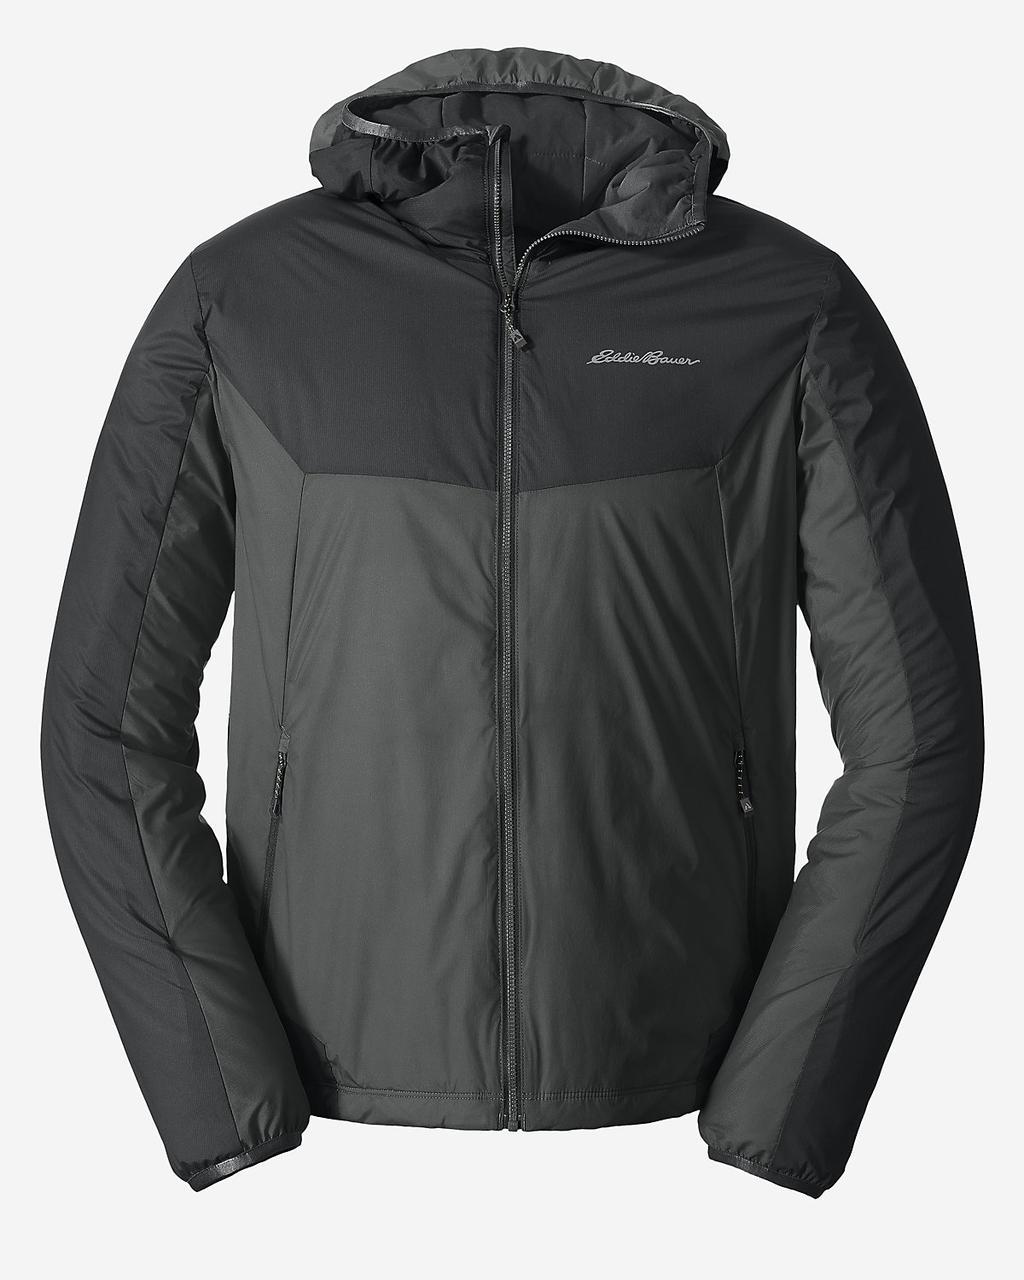 Куртка Eddie Bauer Mens IgniteLite Flux 60 Hooded DK SMOKE